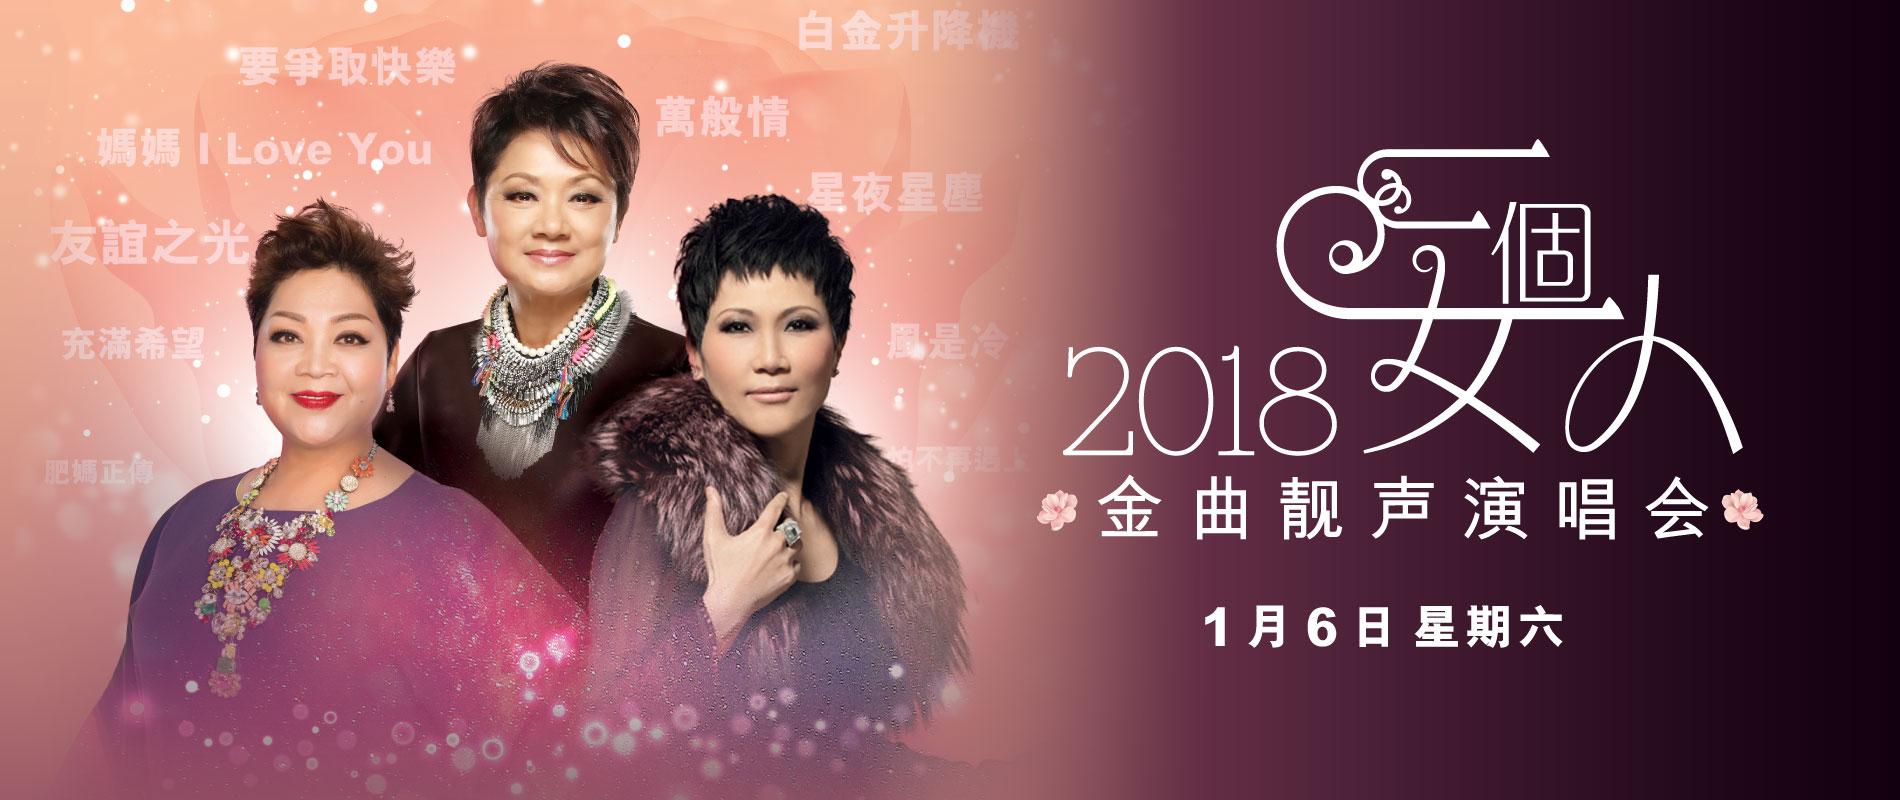 三个女人金曲靓声演唱会2018